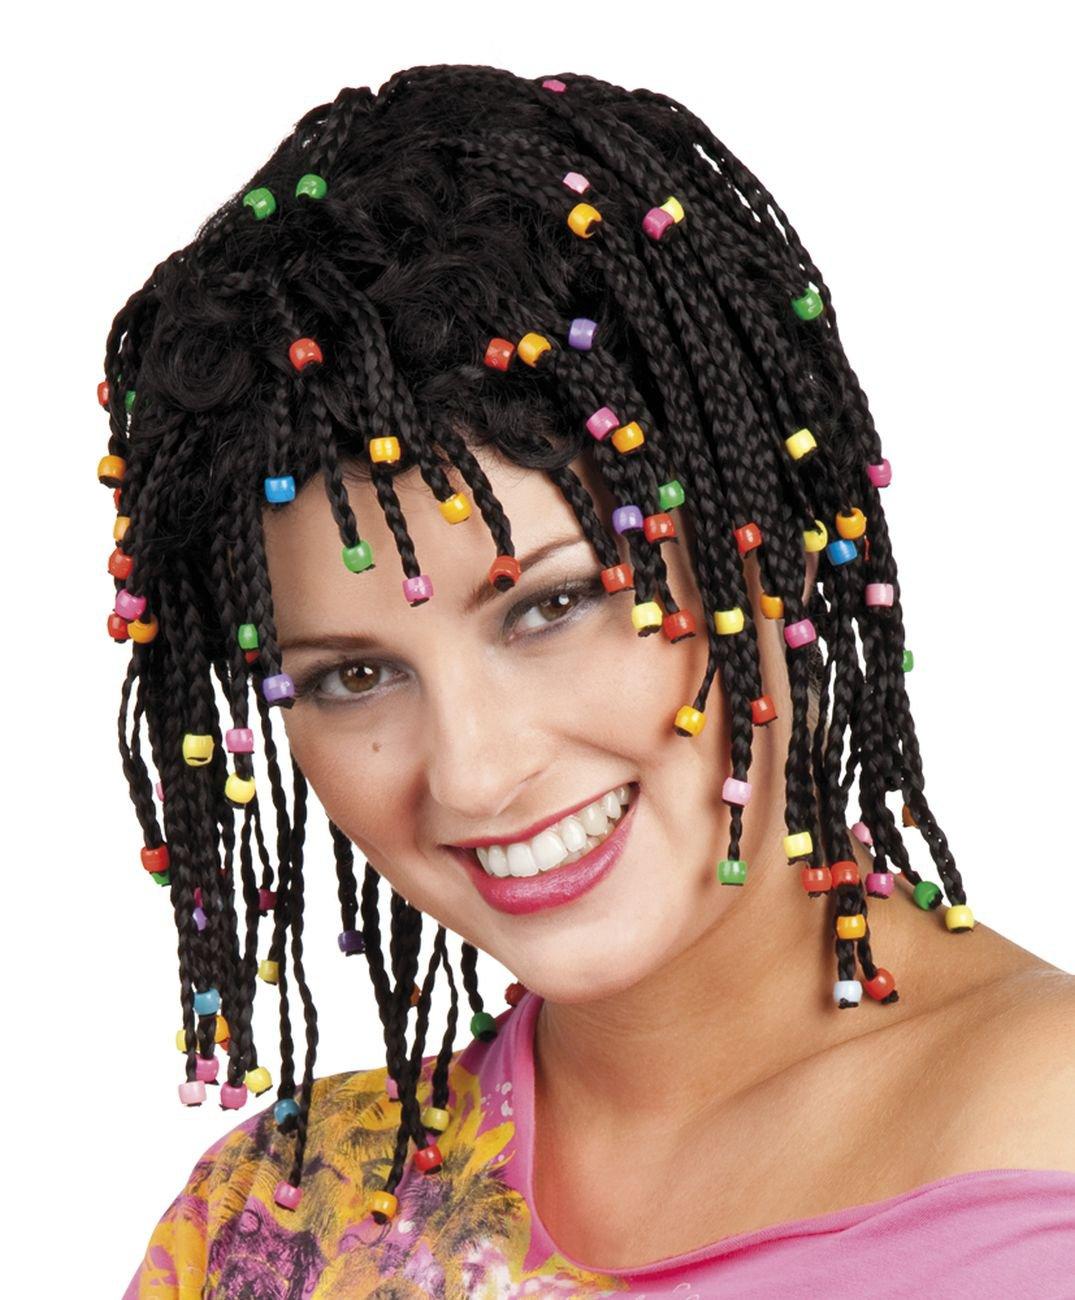 Générique pe151 - Peluca Rasta negro con perlas - talla única: Amazon.es: Juguetes y juegos